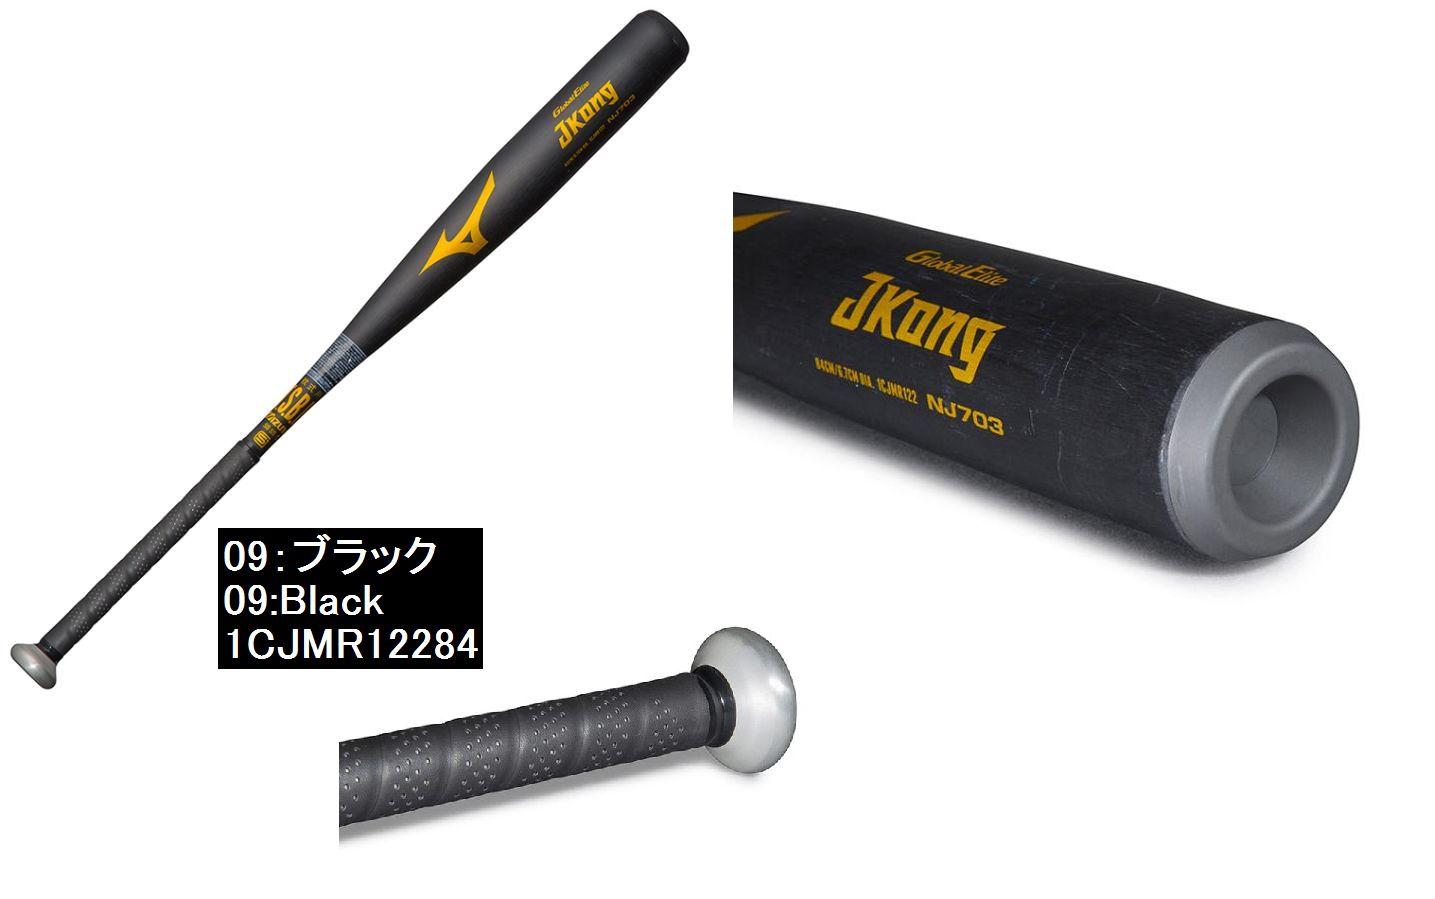 新到着 【Mizuno Global 一般軟式 Elite=ミズノグローバルエリート【Mizuno】野球 Global 金属バット 軟式金属バット 軟式野球用バット 軟式バット 一般軟式 一般軟式用金属製バット【Jコング】(NJ703)<84cm/平均750g/ミドルバランス/Φ67mm>(ブラック), 益子町:a613bb77 --- canoncity.azurewebsites.net